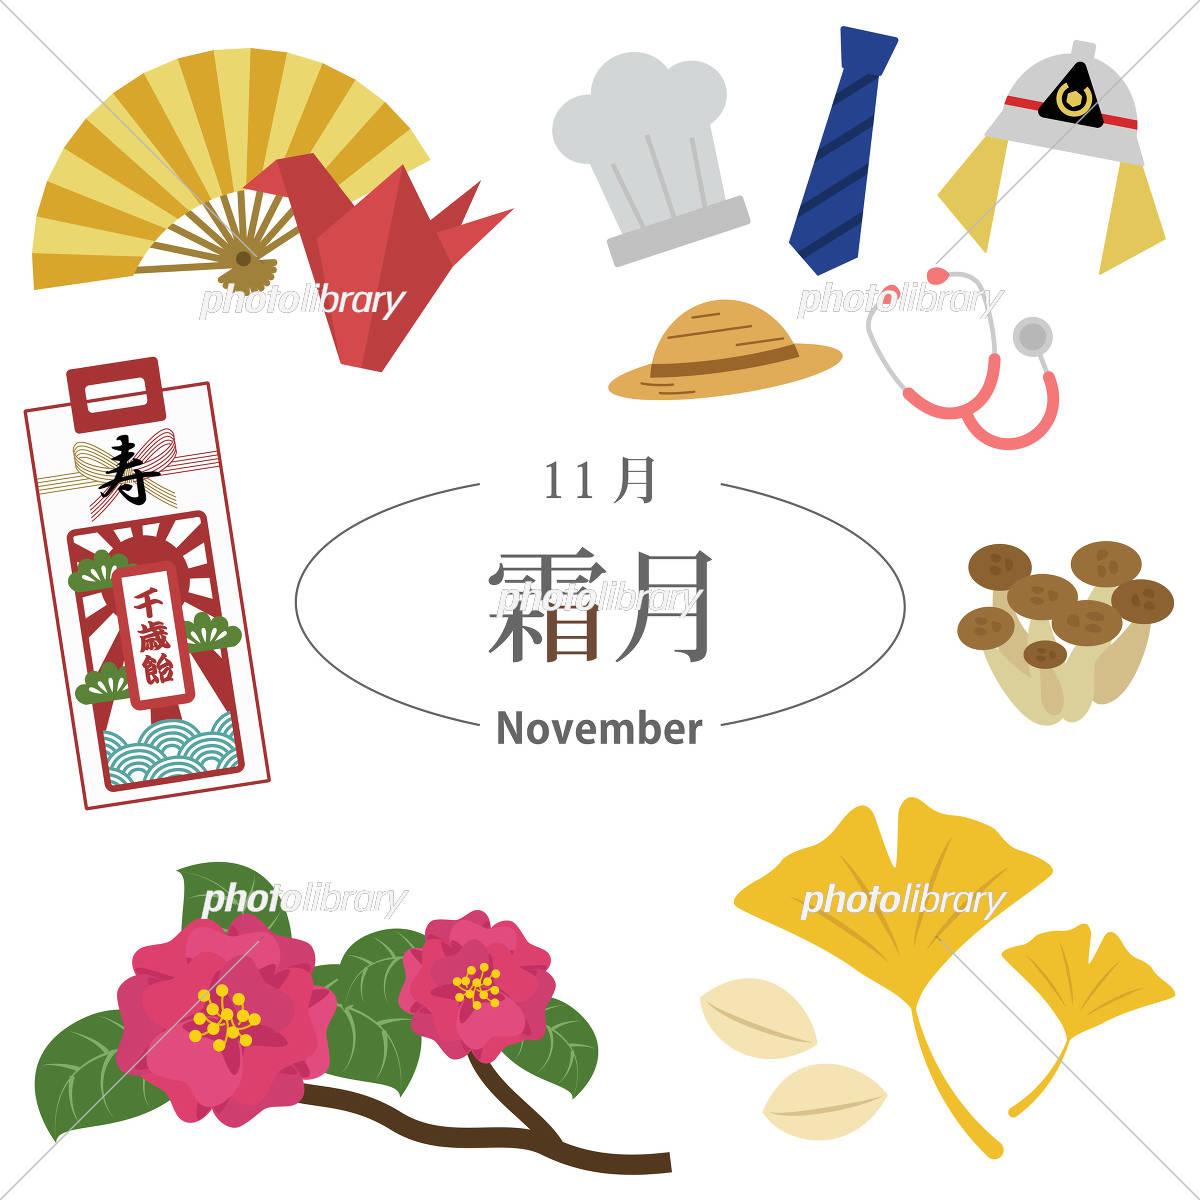 11月 霜月 イベント イラスト素材 5272739 フォトライブラリー